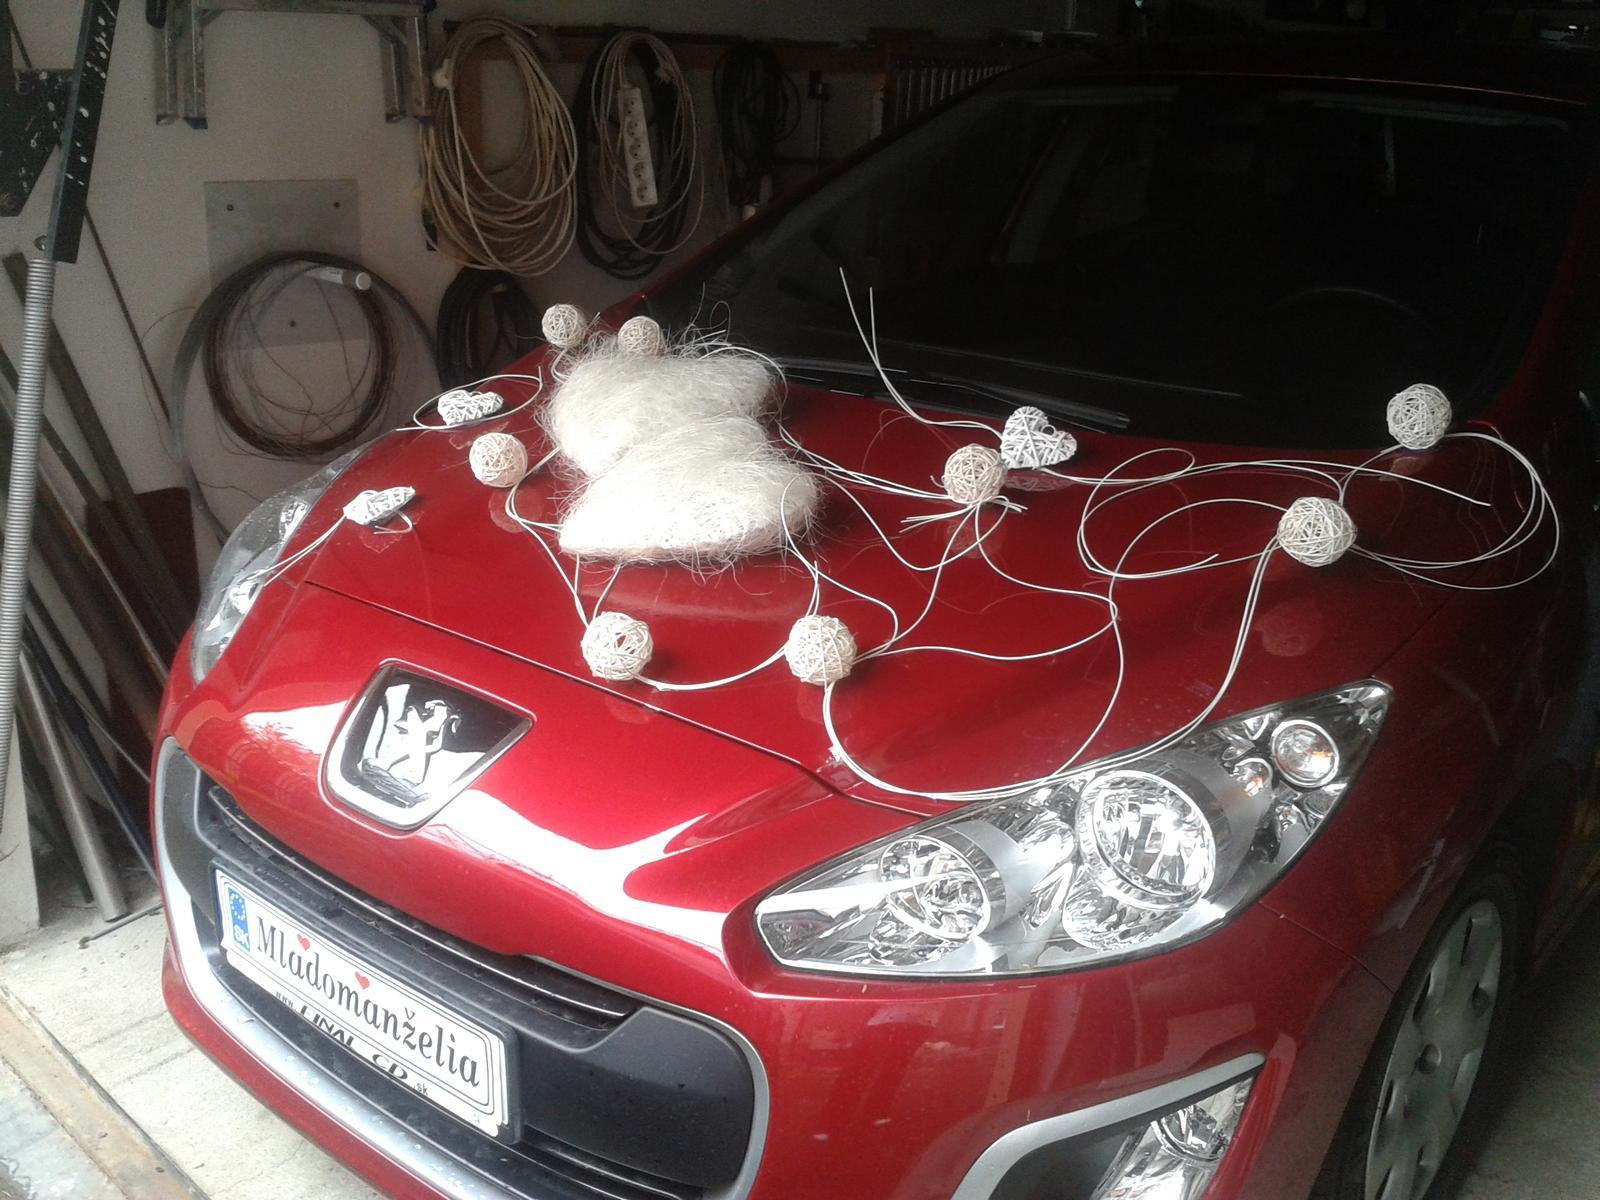 ♫ Keď sa sny plnia. . . ♫♪ - putovná výzdoba na jedno autíčko je doma...